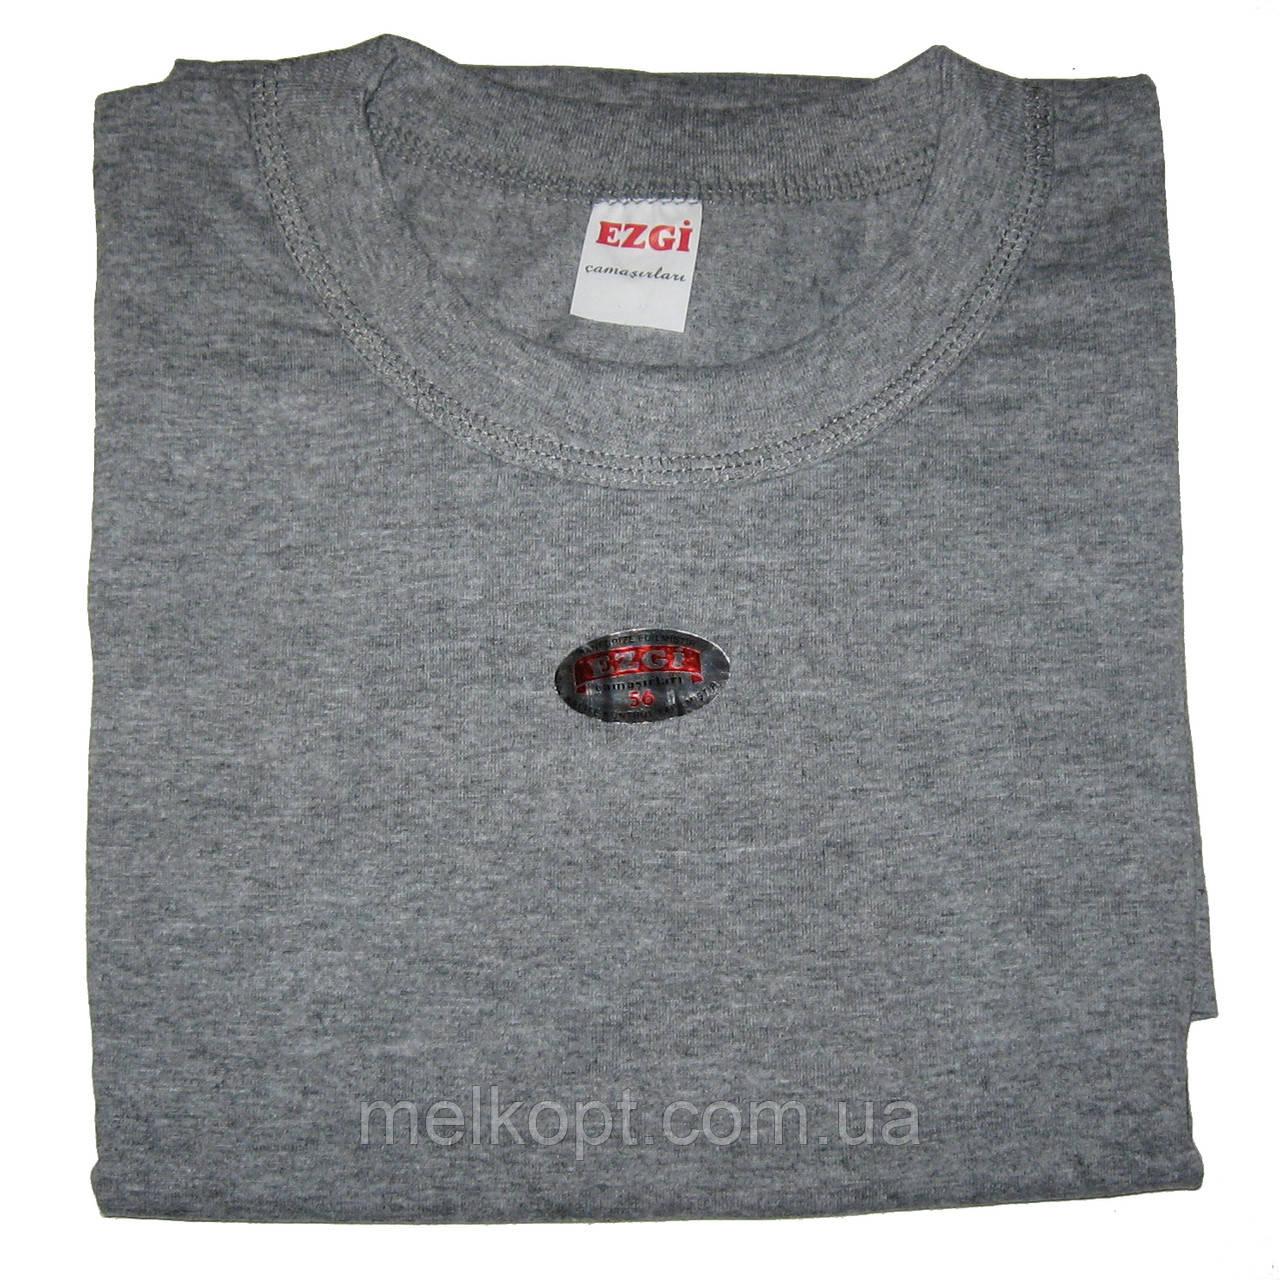 Чоловічі футболки Ezgi - 55,00 грн./шт. (56-й розмір, сірі)